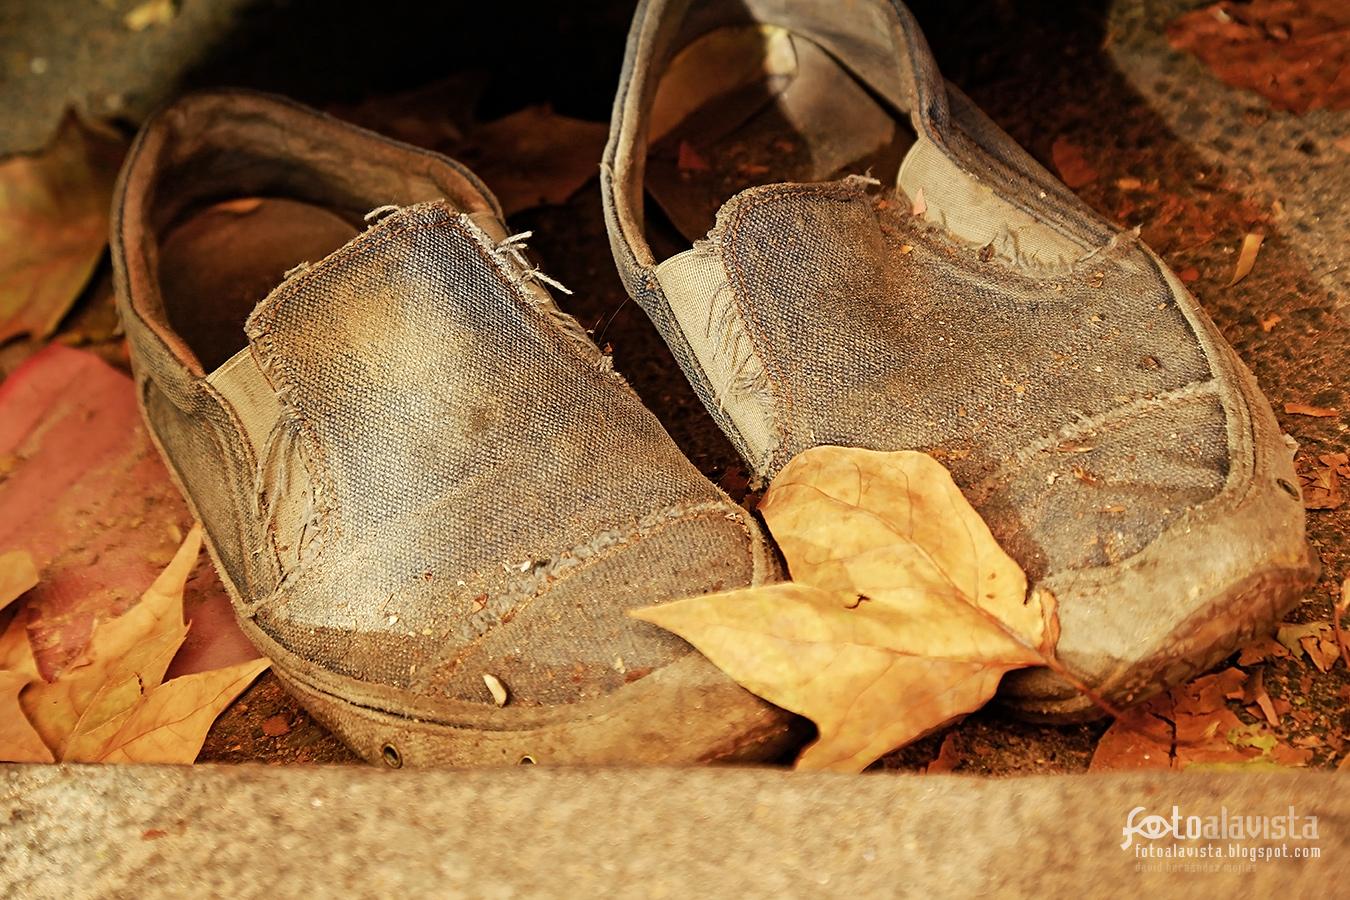 El calzado que llevó a alguien - Fotografía